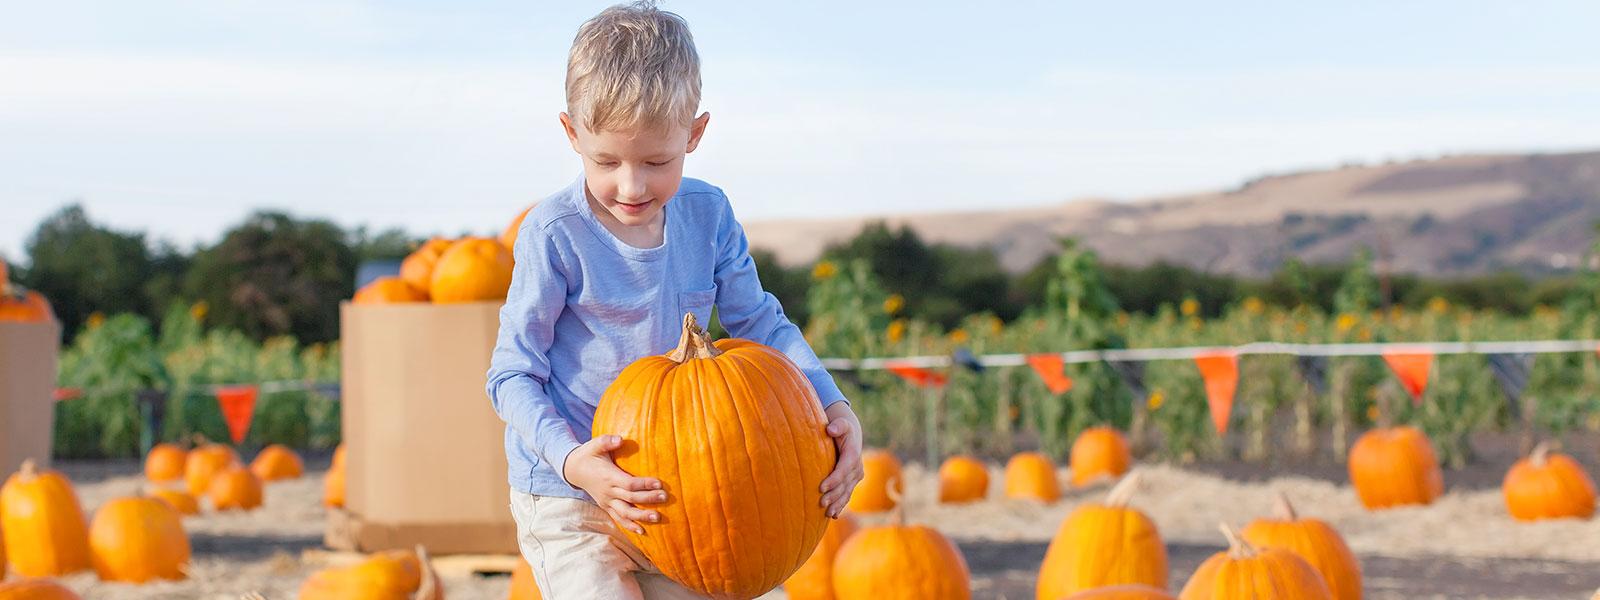 A child in a pumpkin patch